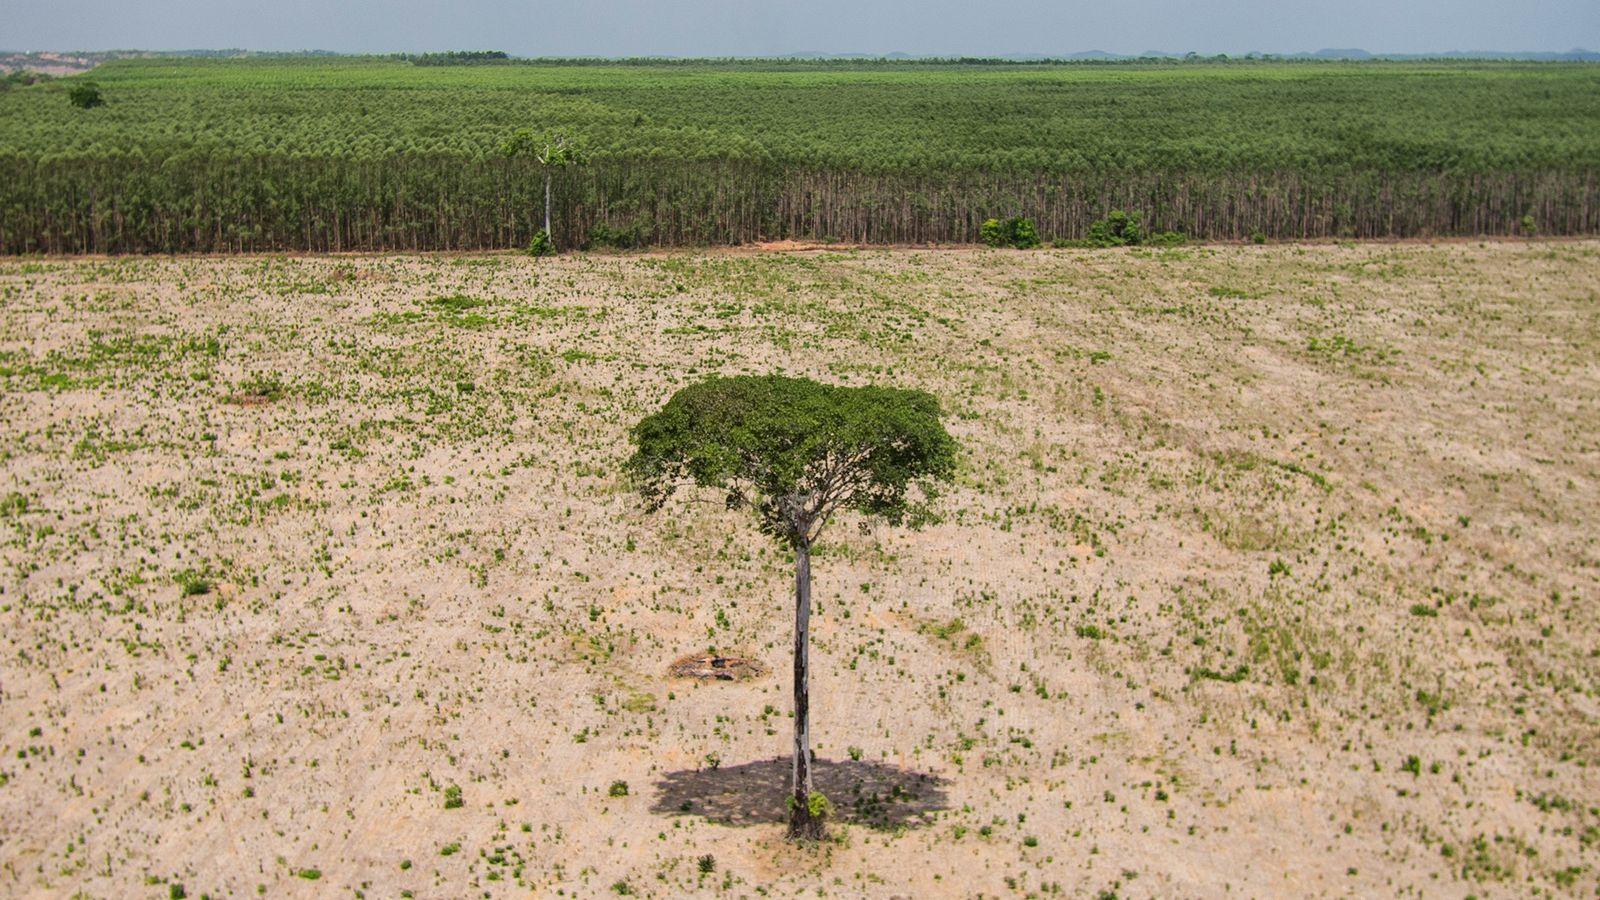 Un solitario árbol de hoja ancha sobrevive en una zona deforestada de Maranhão, Brasil, en el ...